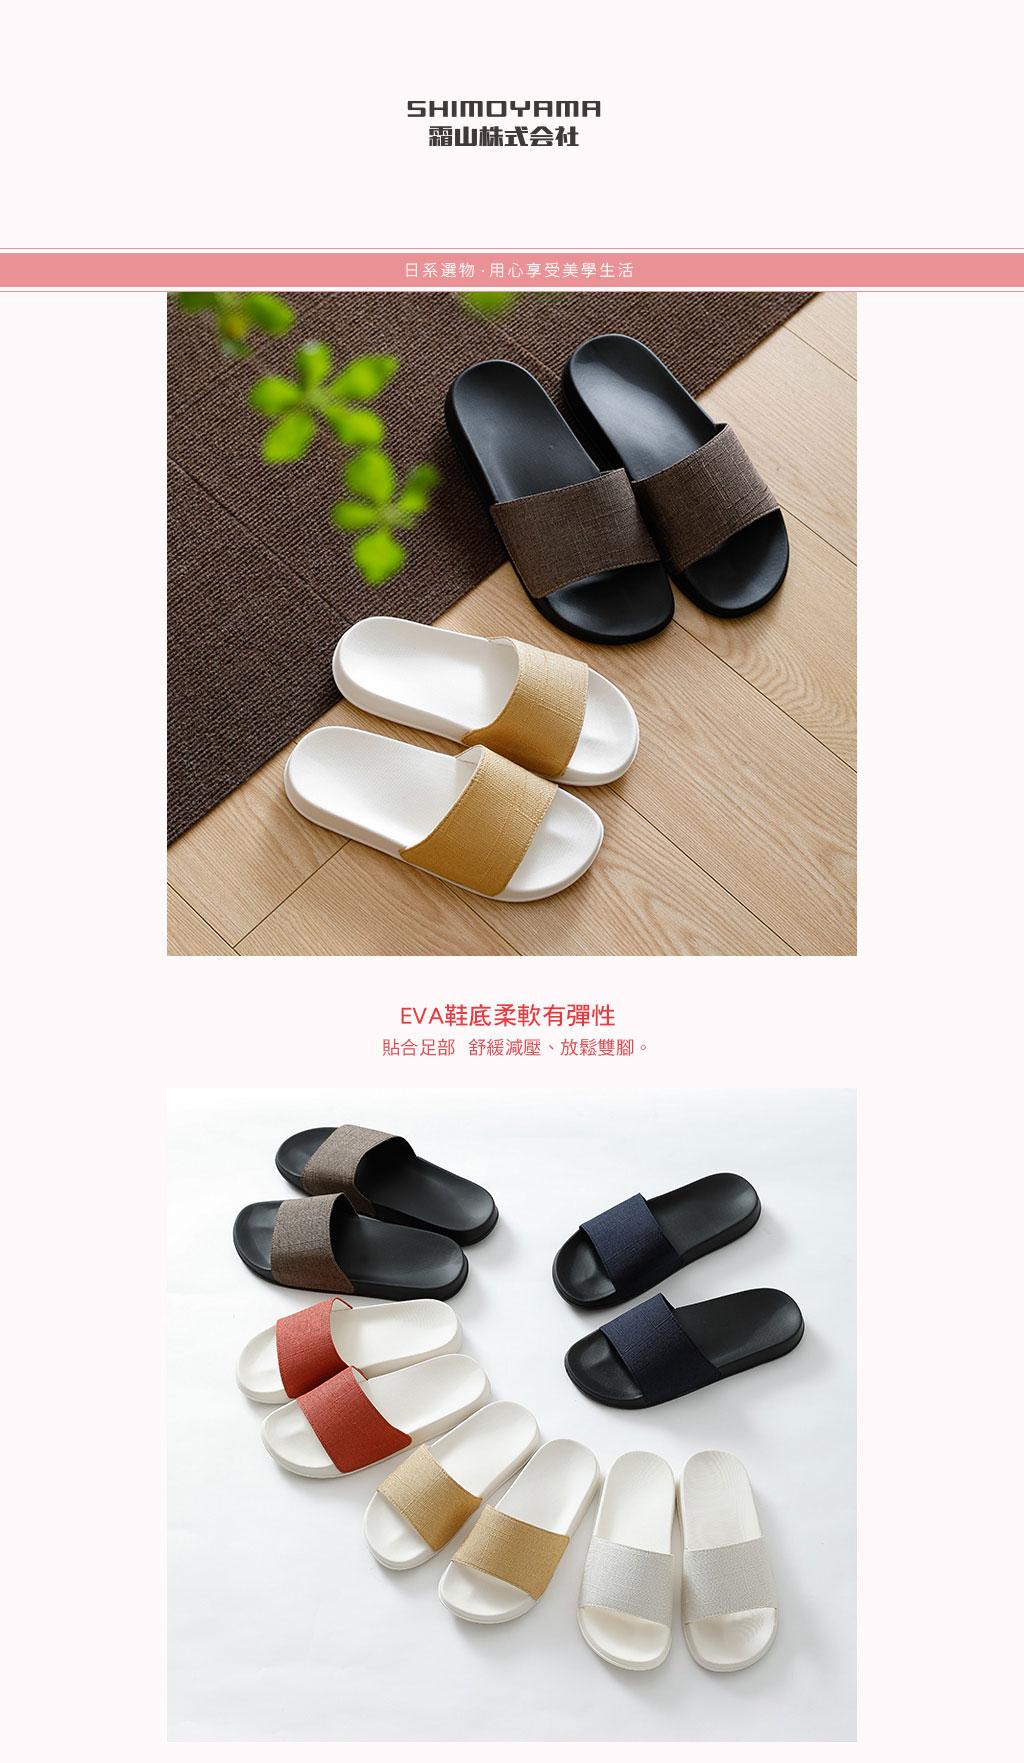 日本霜山 EVA日系極簡舒壓 防滑拖鞋 (室內/室外用) 多色男女款可選